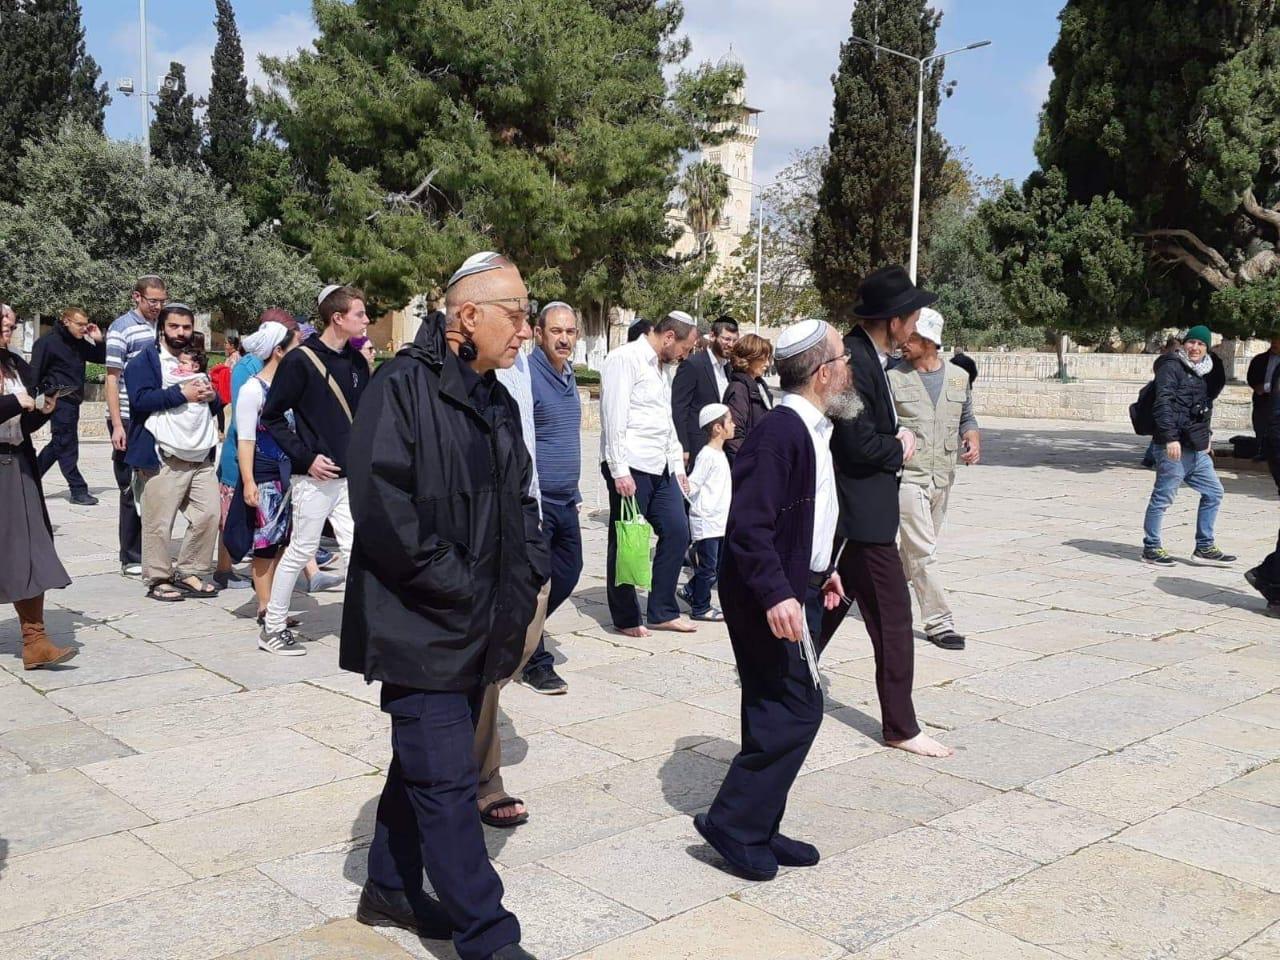 237 مستوطنا يقتحمون الأقصى بقيادة قائد شرطة الاحتلال في القدس